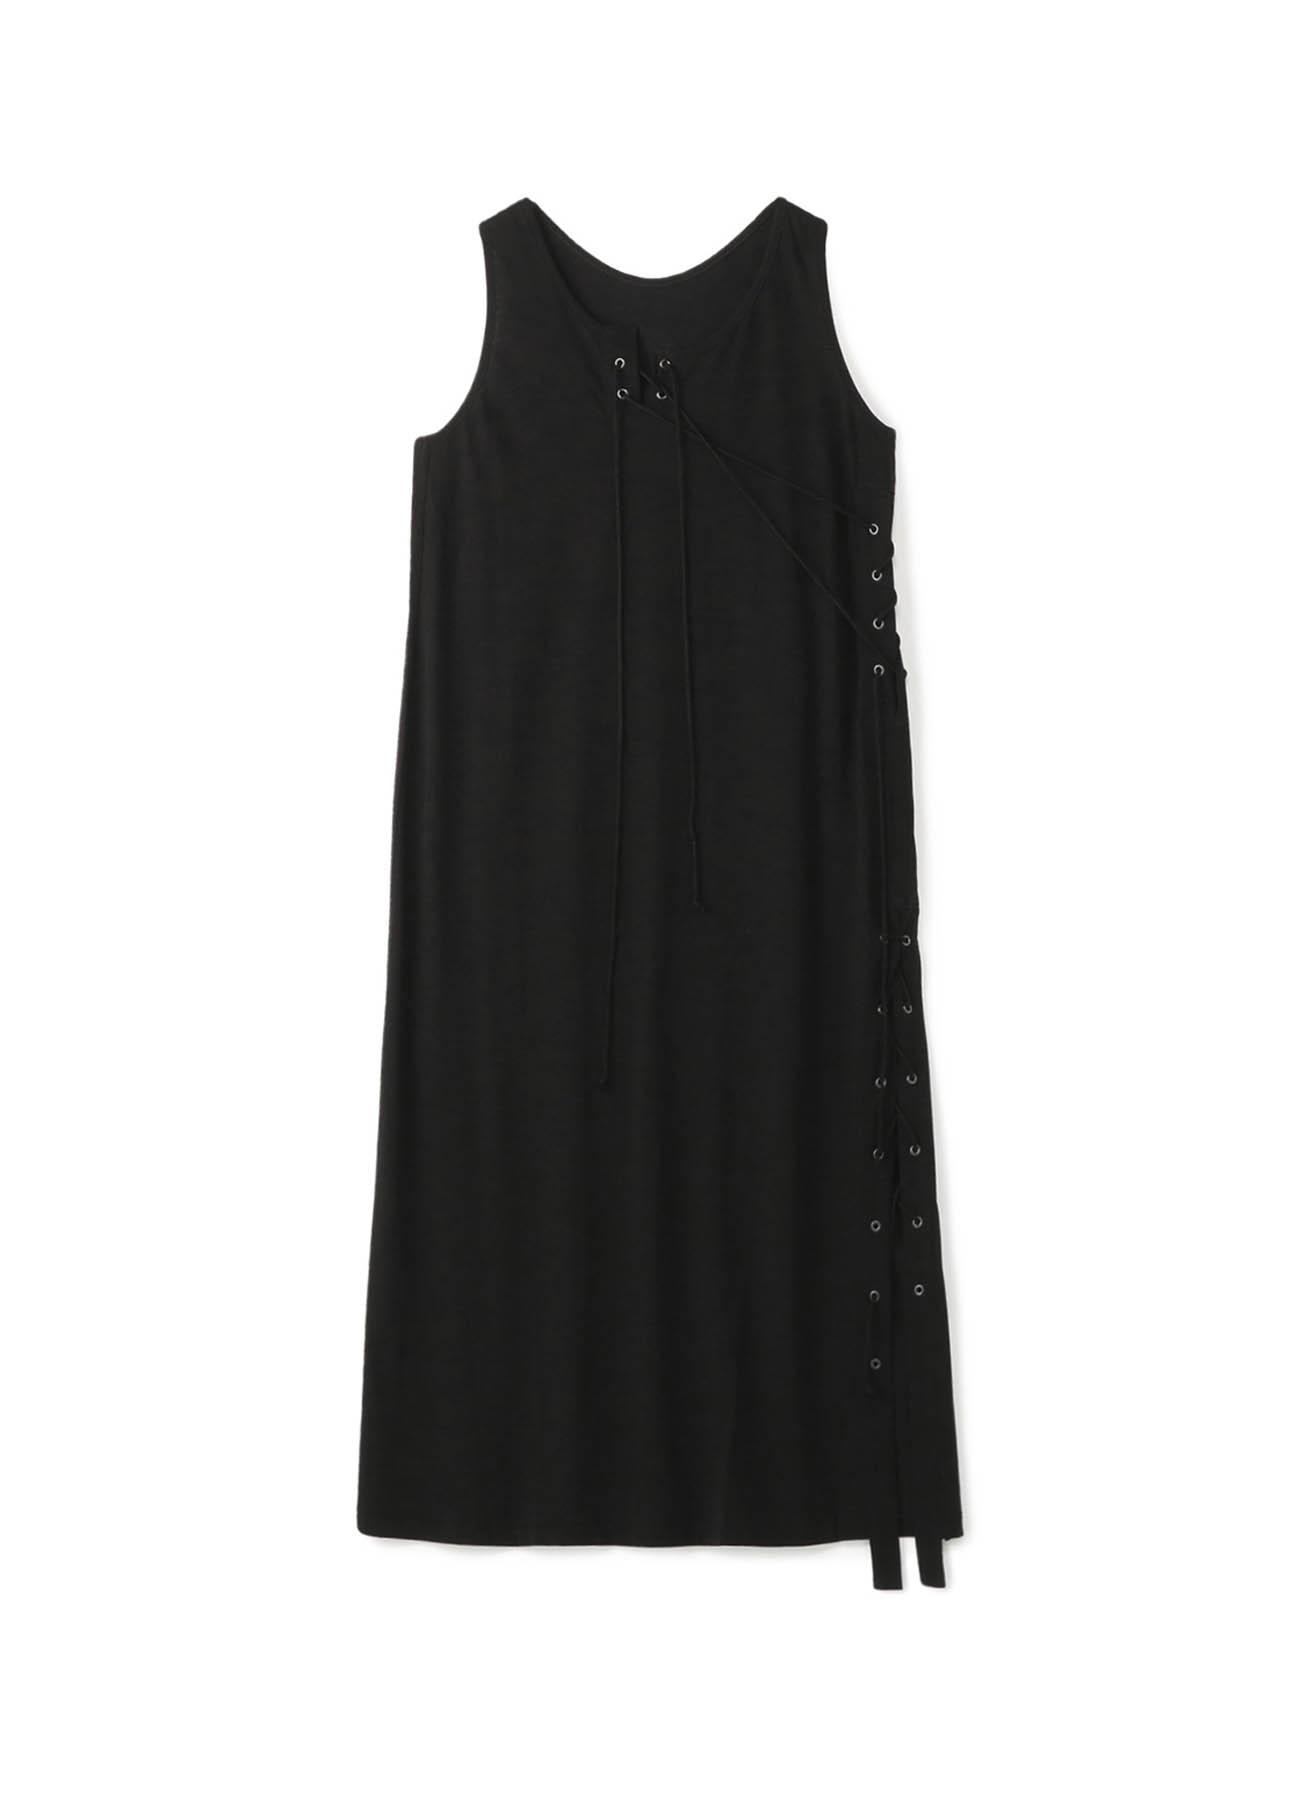 テクノラマ天竺 紐通しランニングドレス